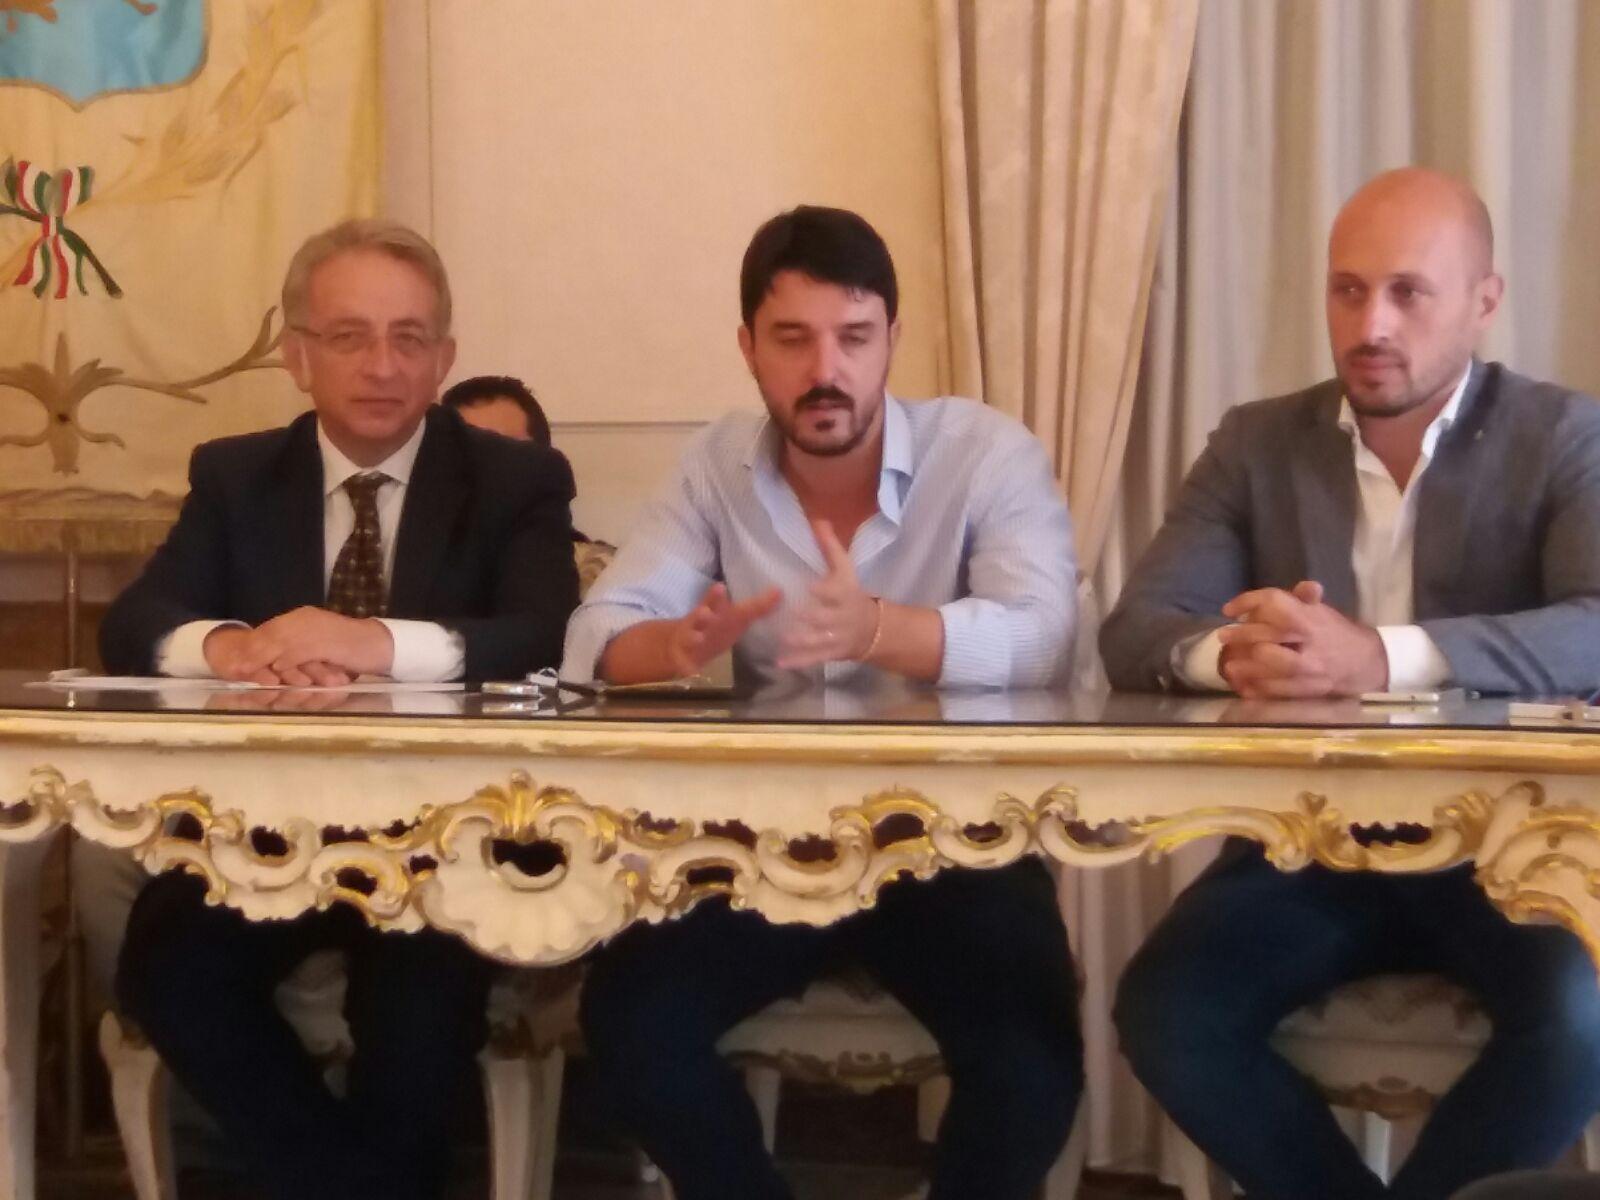 VINCIULLO-BOSCO-VALENTI: 631MILA EURO PER RIQUALIFICARE IL COLLE TIRONE A LENTINI